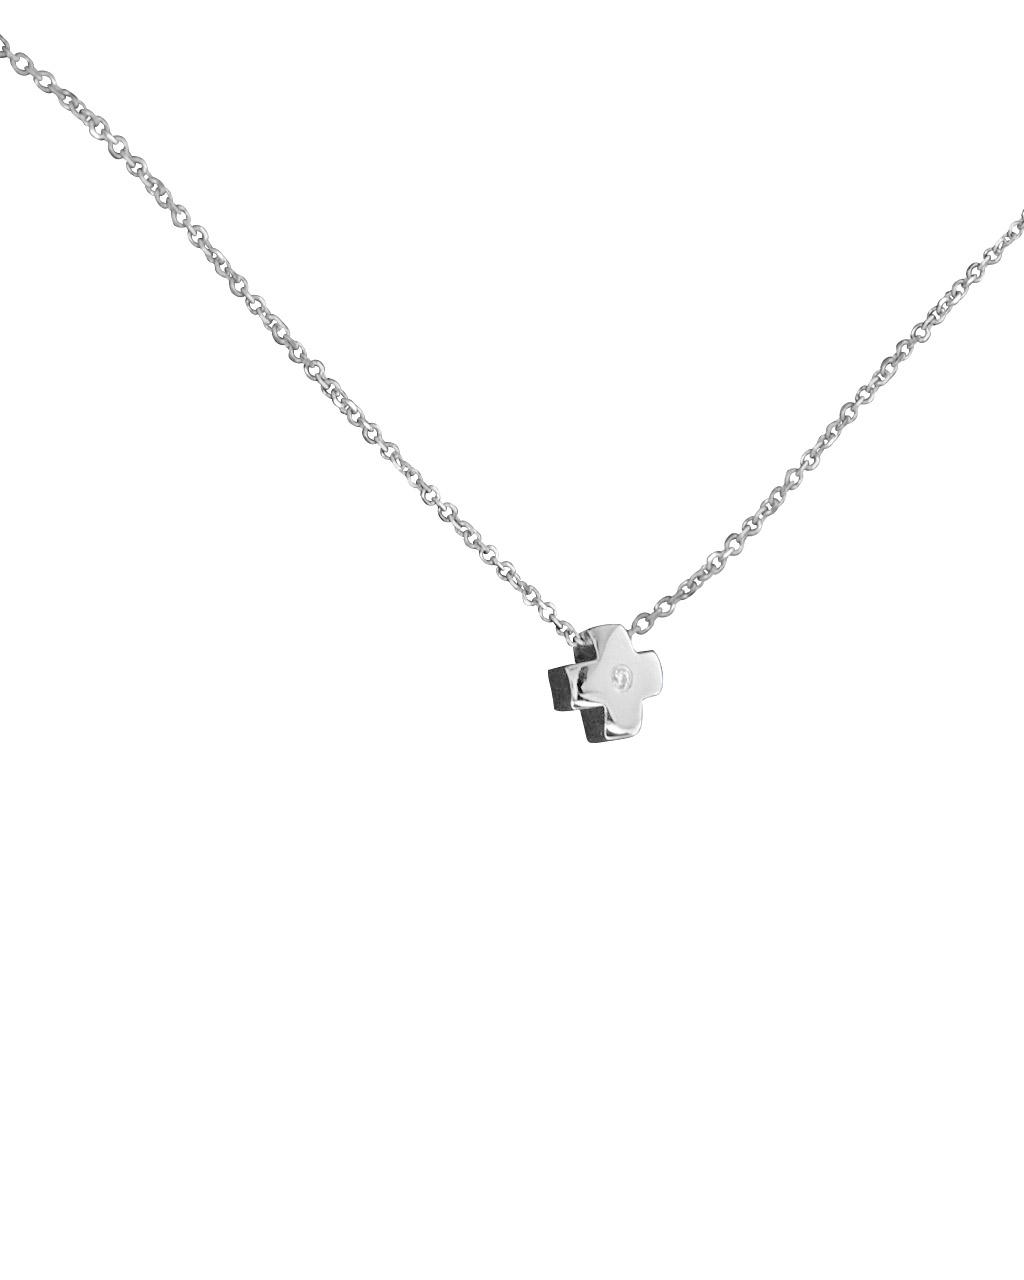 Κολιέ σταυρουδάκι λευκόχρυσο Κ14 με Ζιργκόν   κοσμηματα κρεμαστά κολιέ κρεμαστά κολιέ λευκόχρυσα